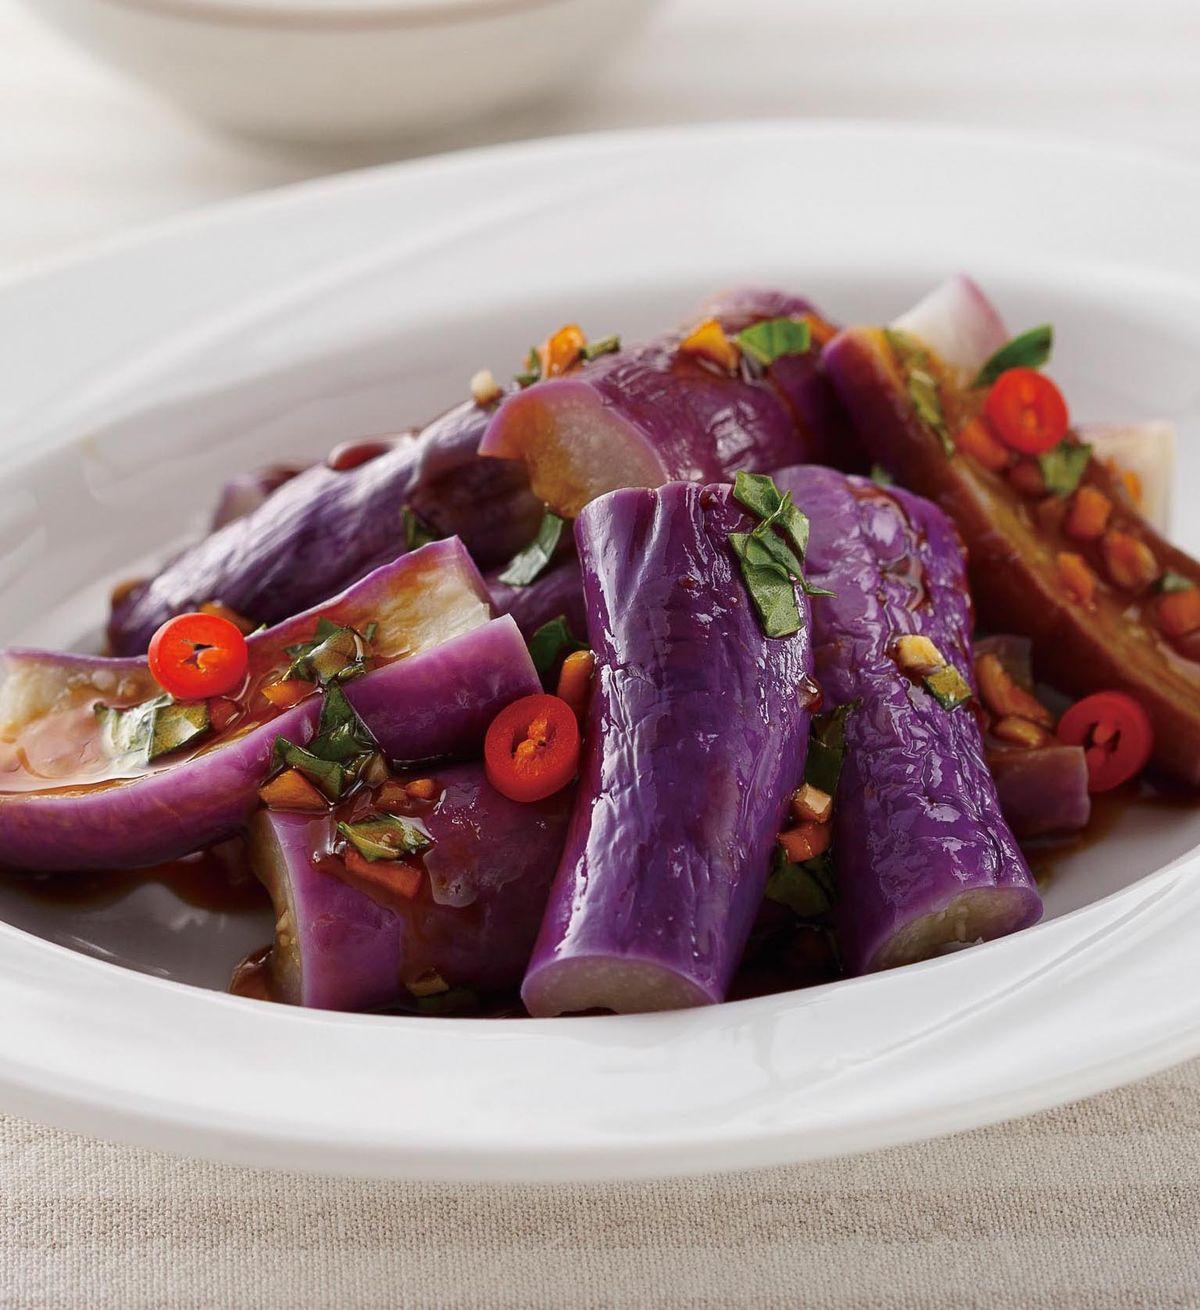 食譜:塔香蒜醬茄子